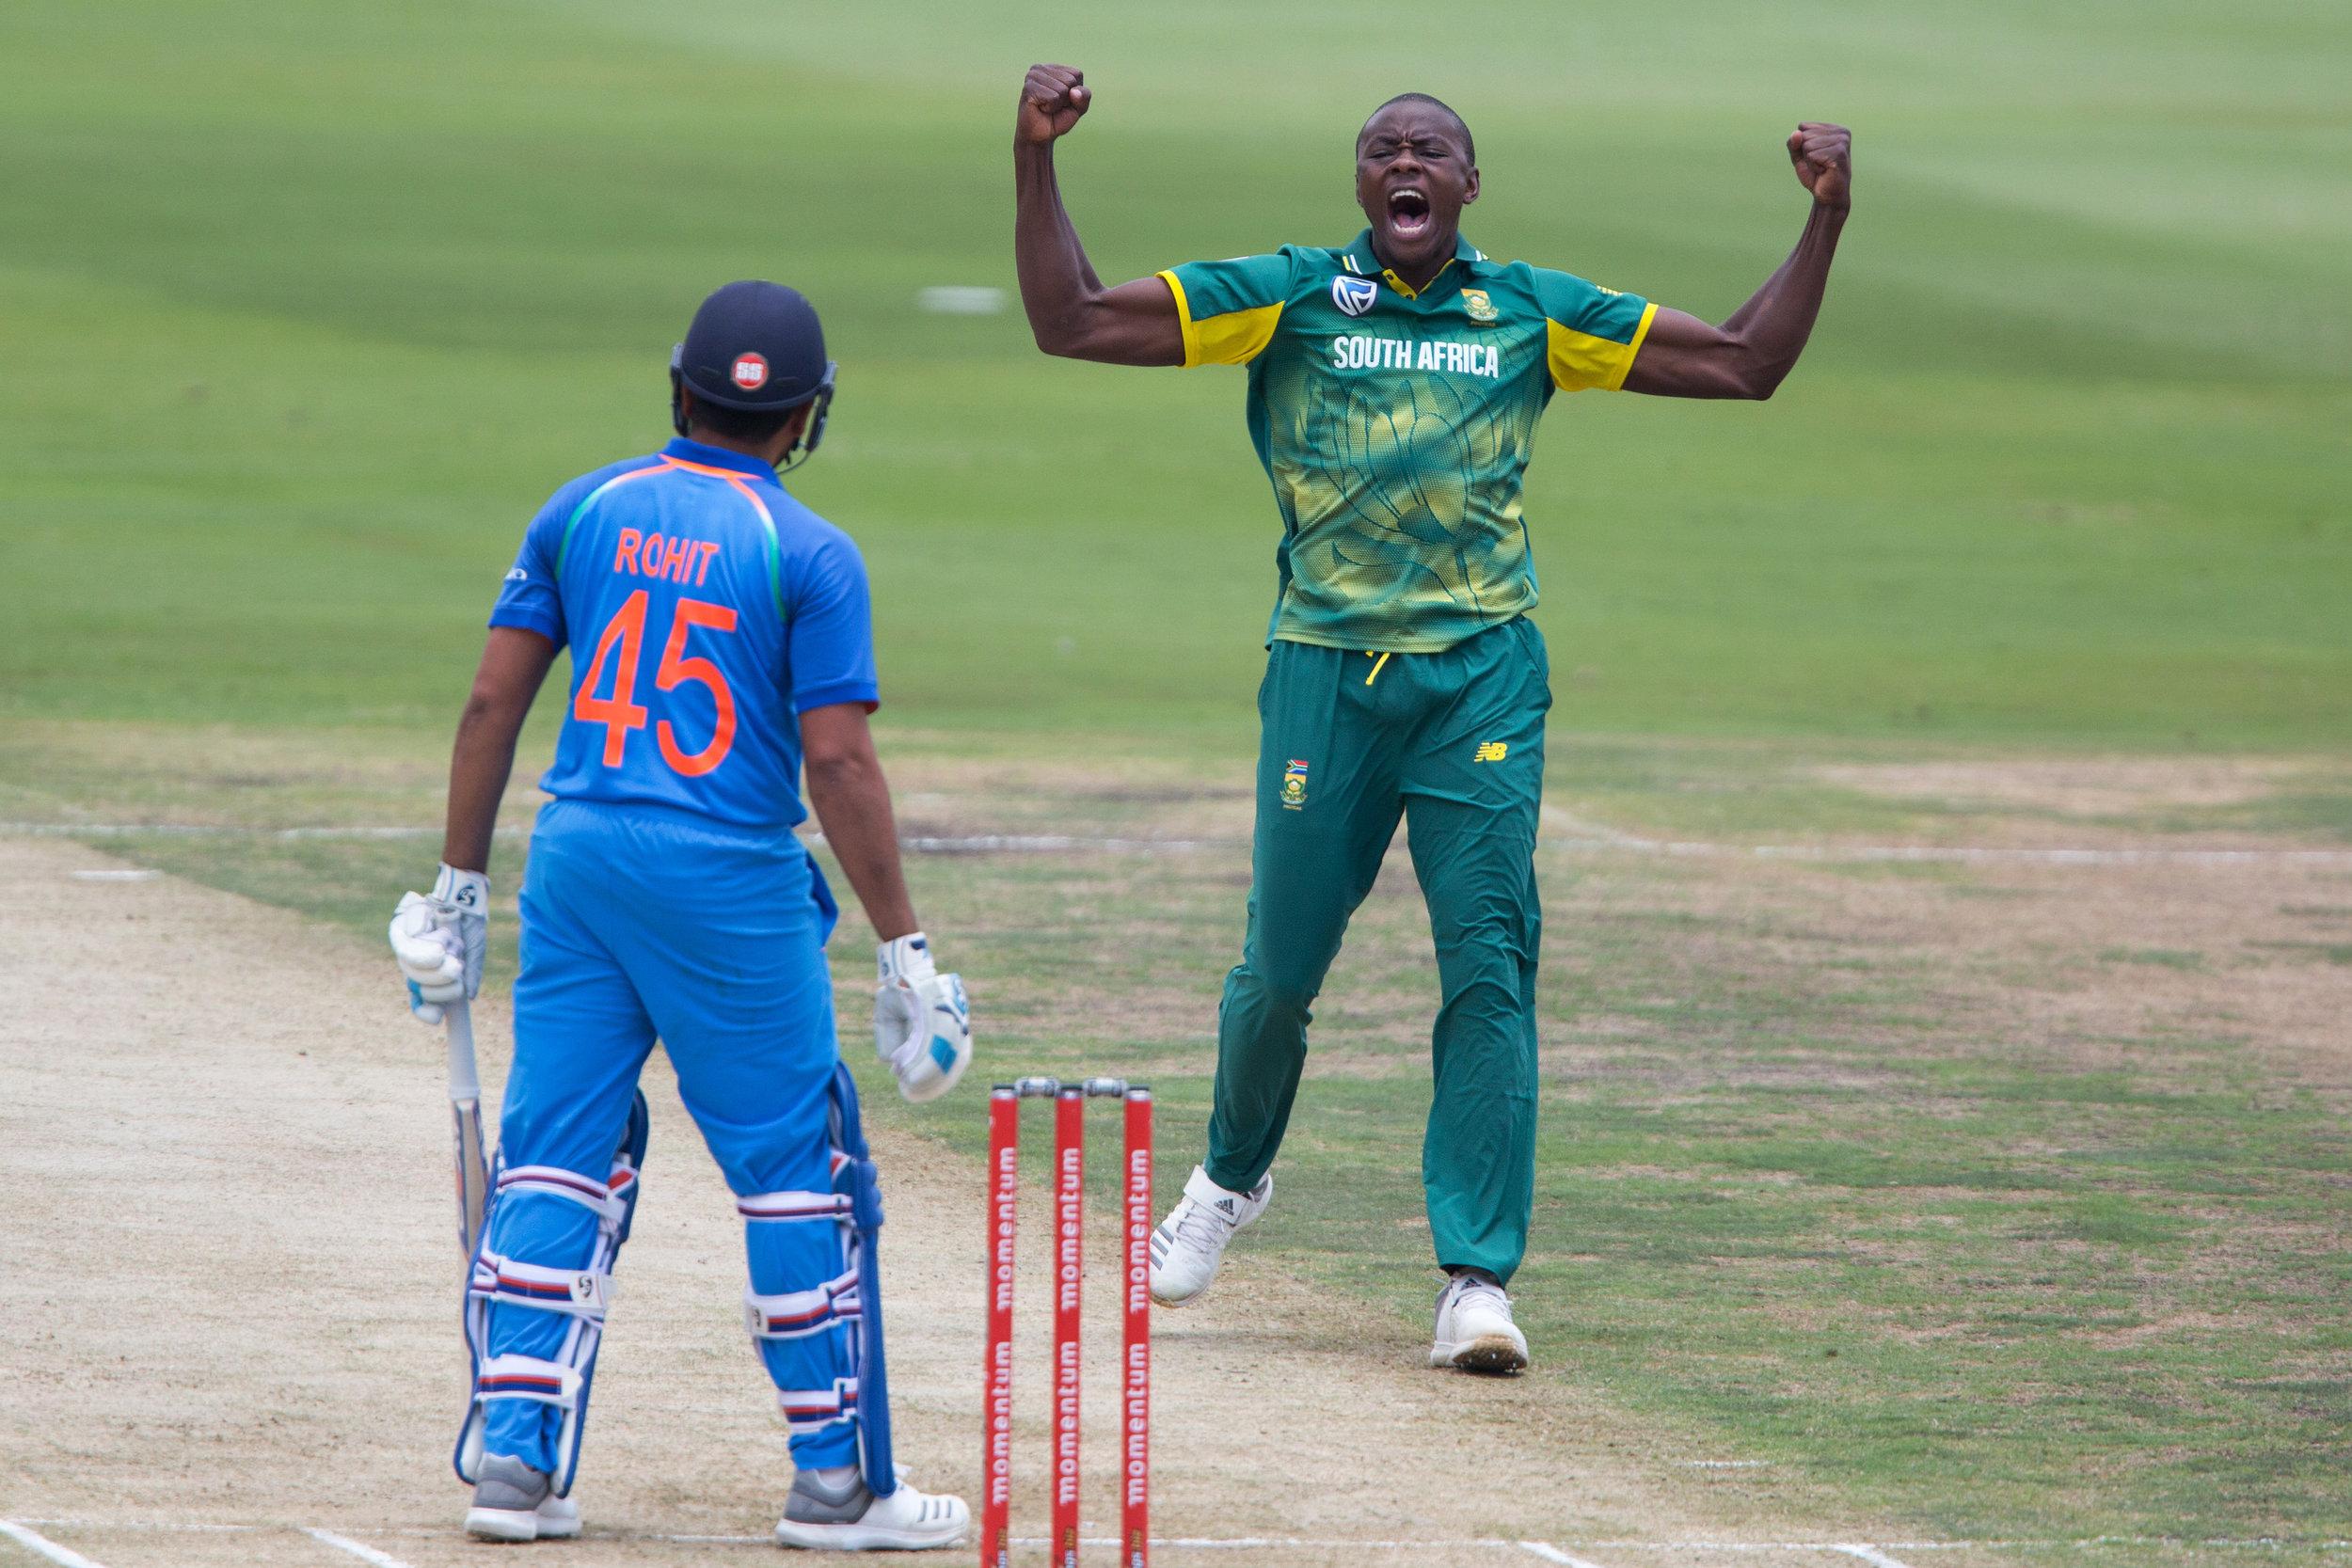 cricket20.jpg